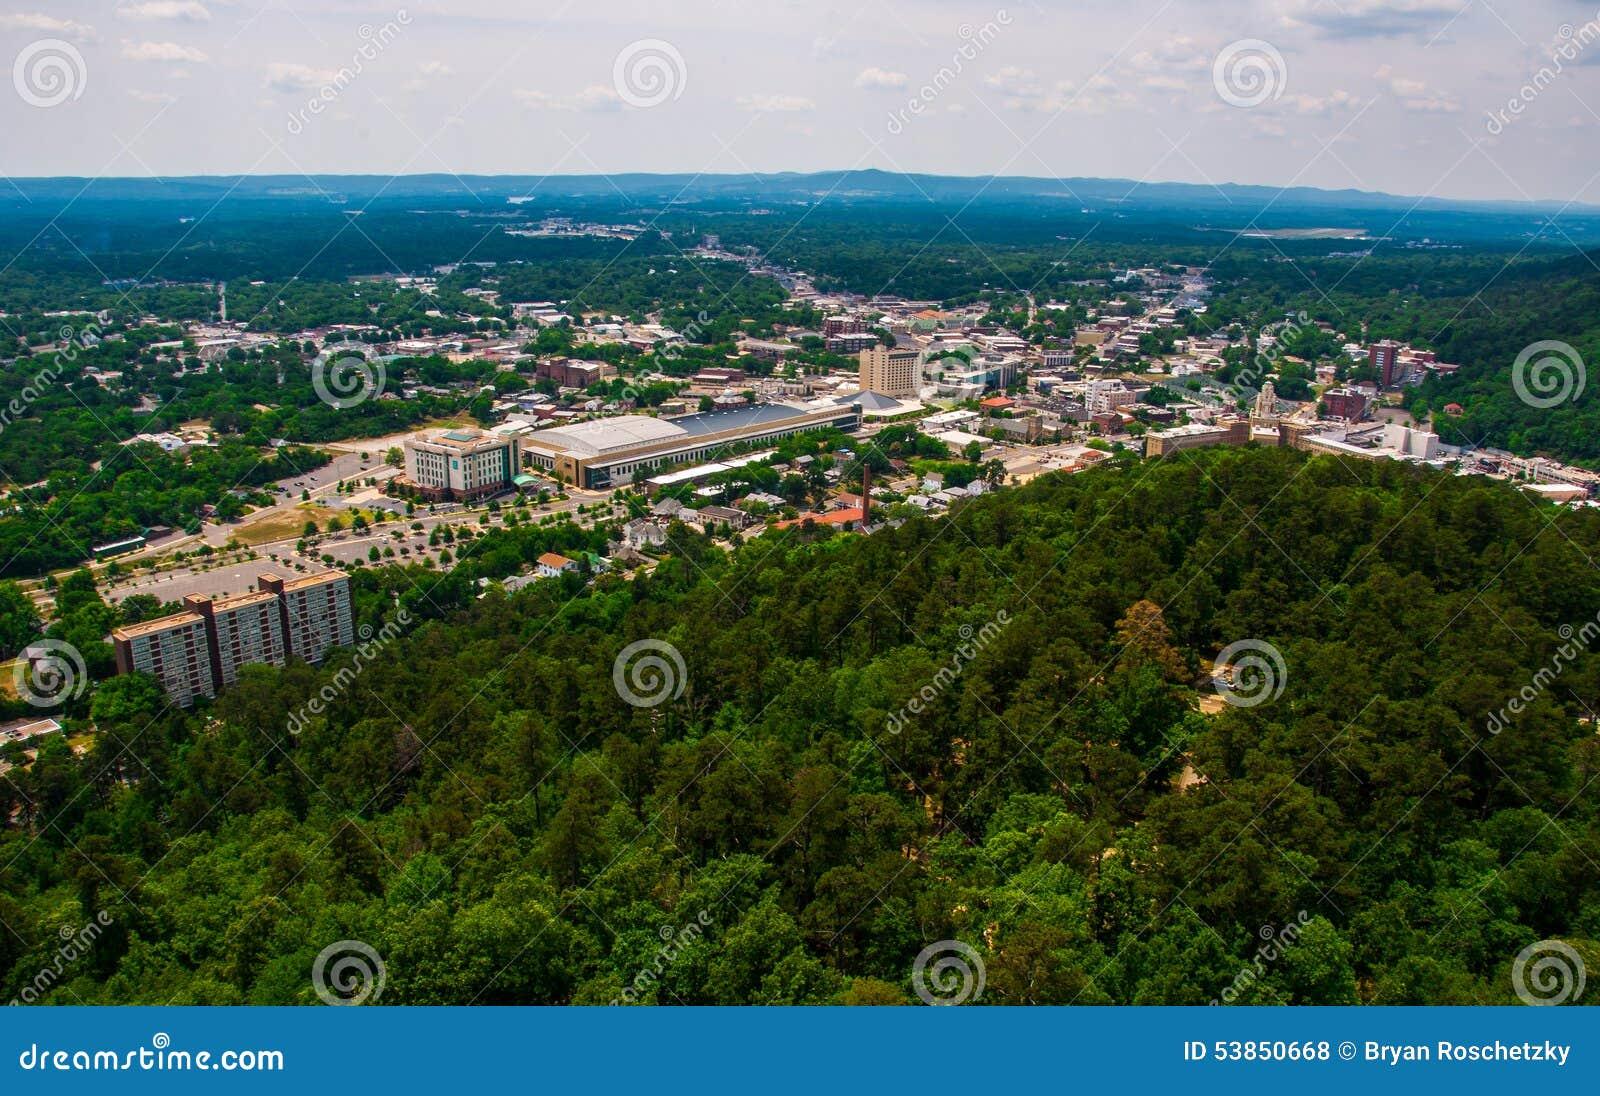 La ciudad de Arkansas de las aguas termales pasa por alto la torre Ozark Mountains de la mirada hacia fuera